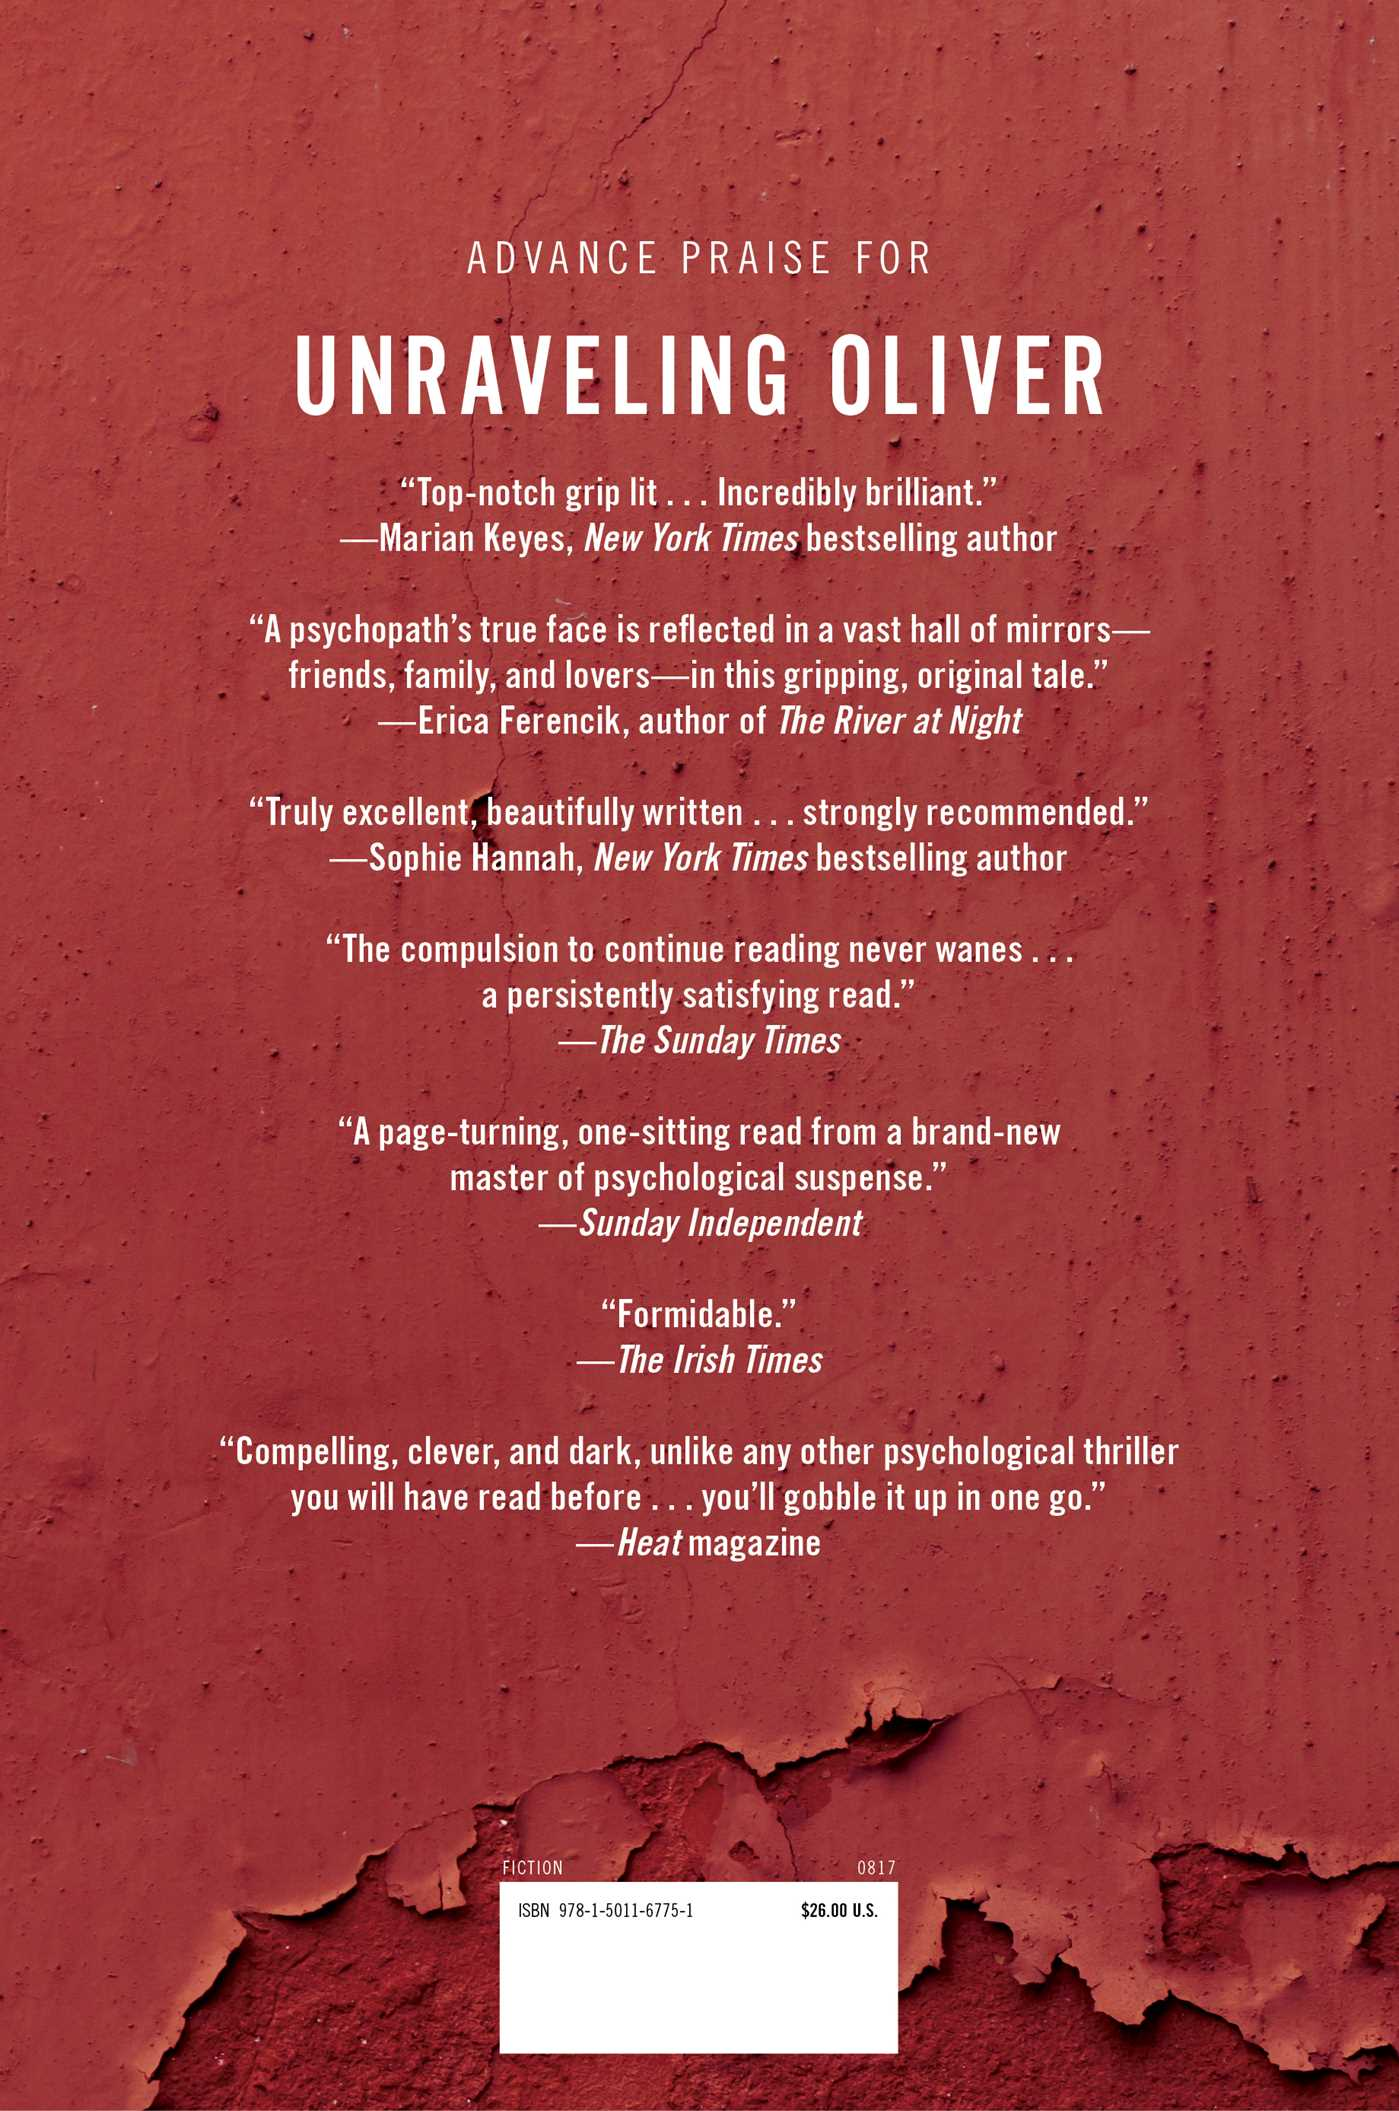 Unraveling oliver 9781501167751 hr back